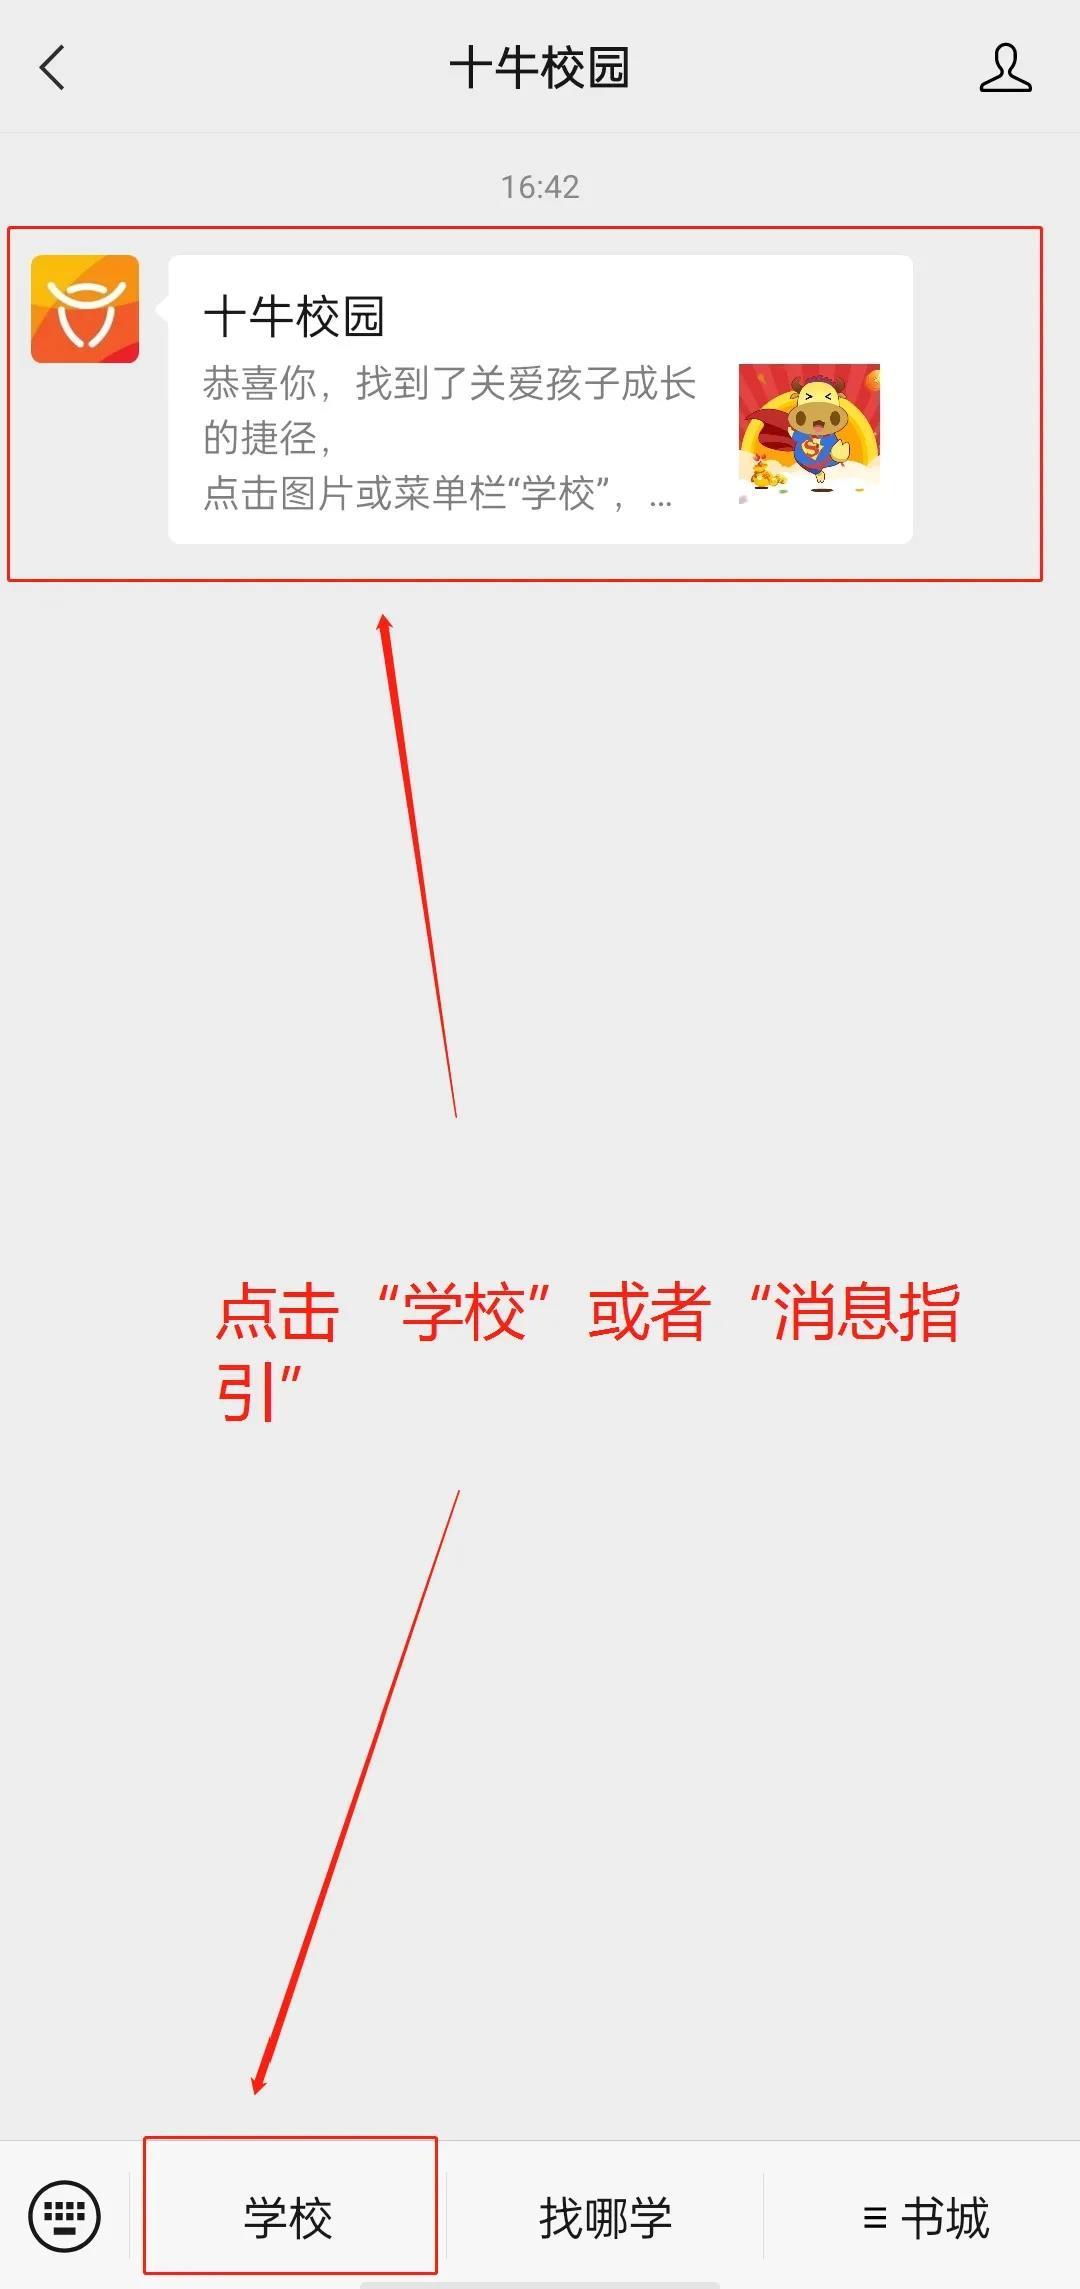 微信图片_20210306095659.jpg